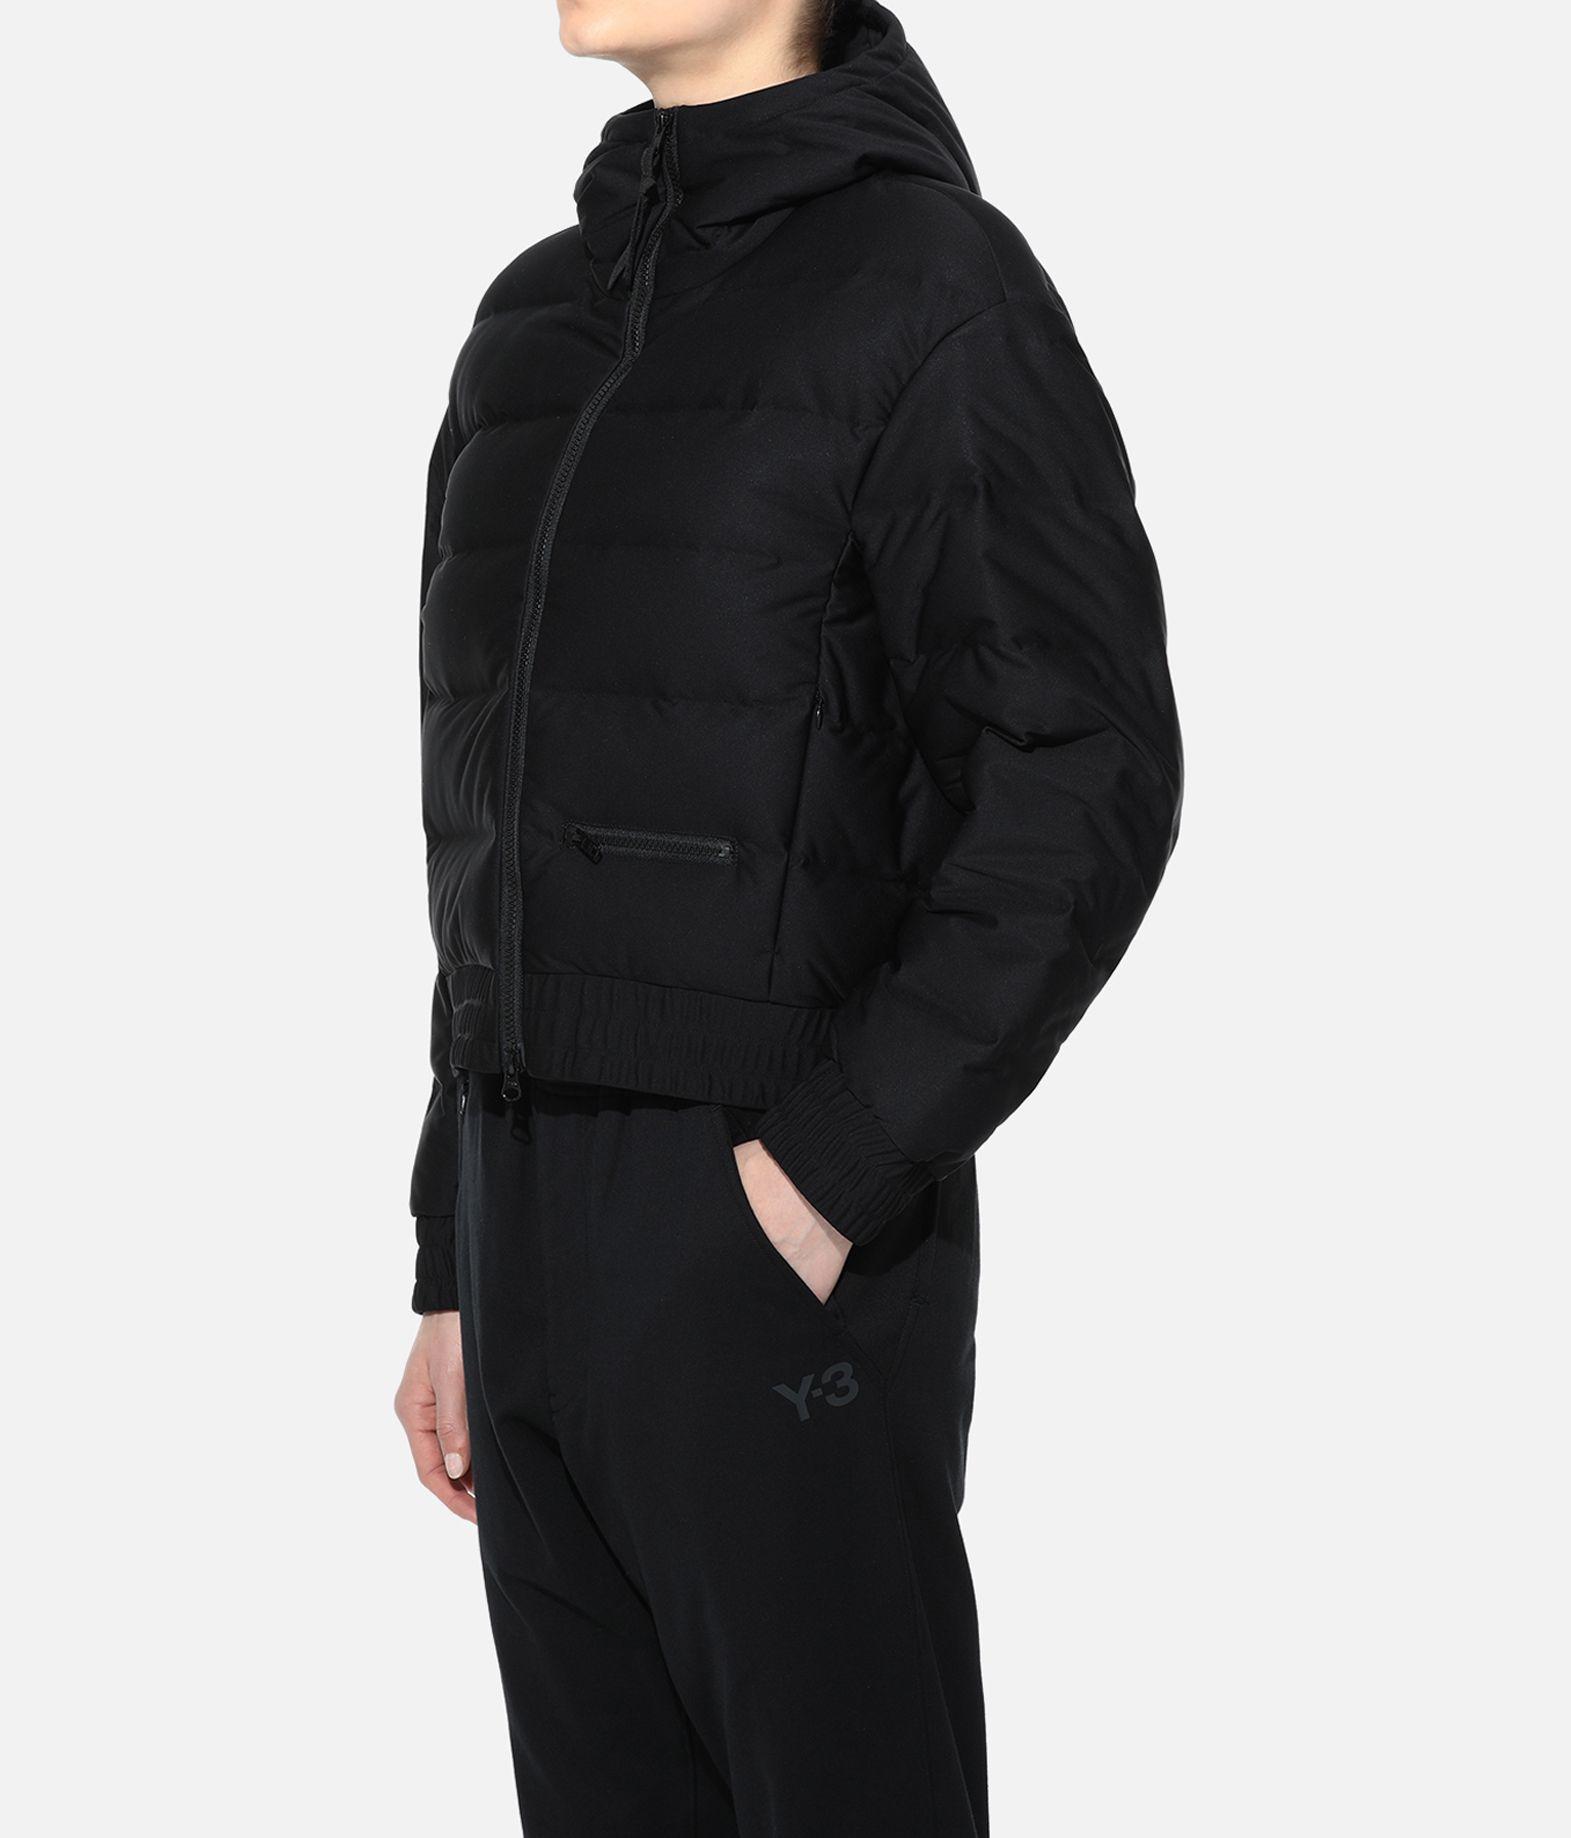 Y-3 Y-3 Seamless Down Hooded Jacket Куртка Для Женщин e